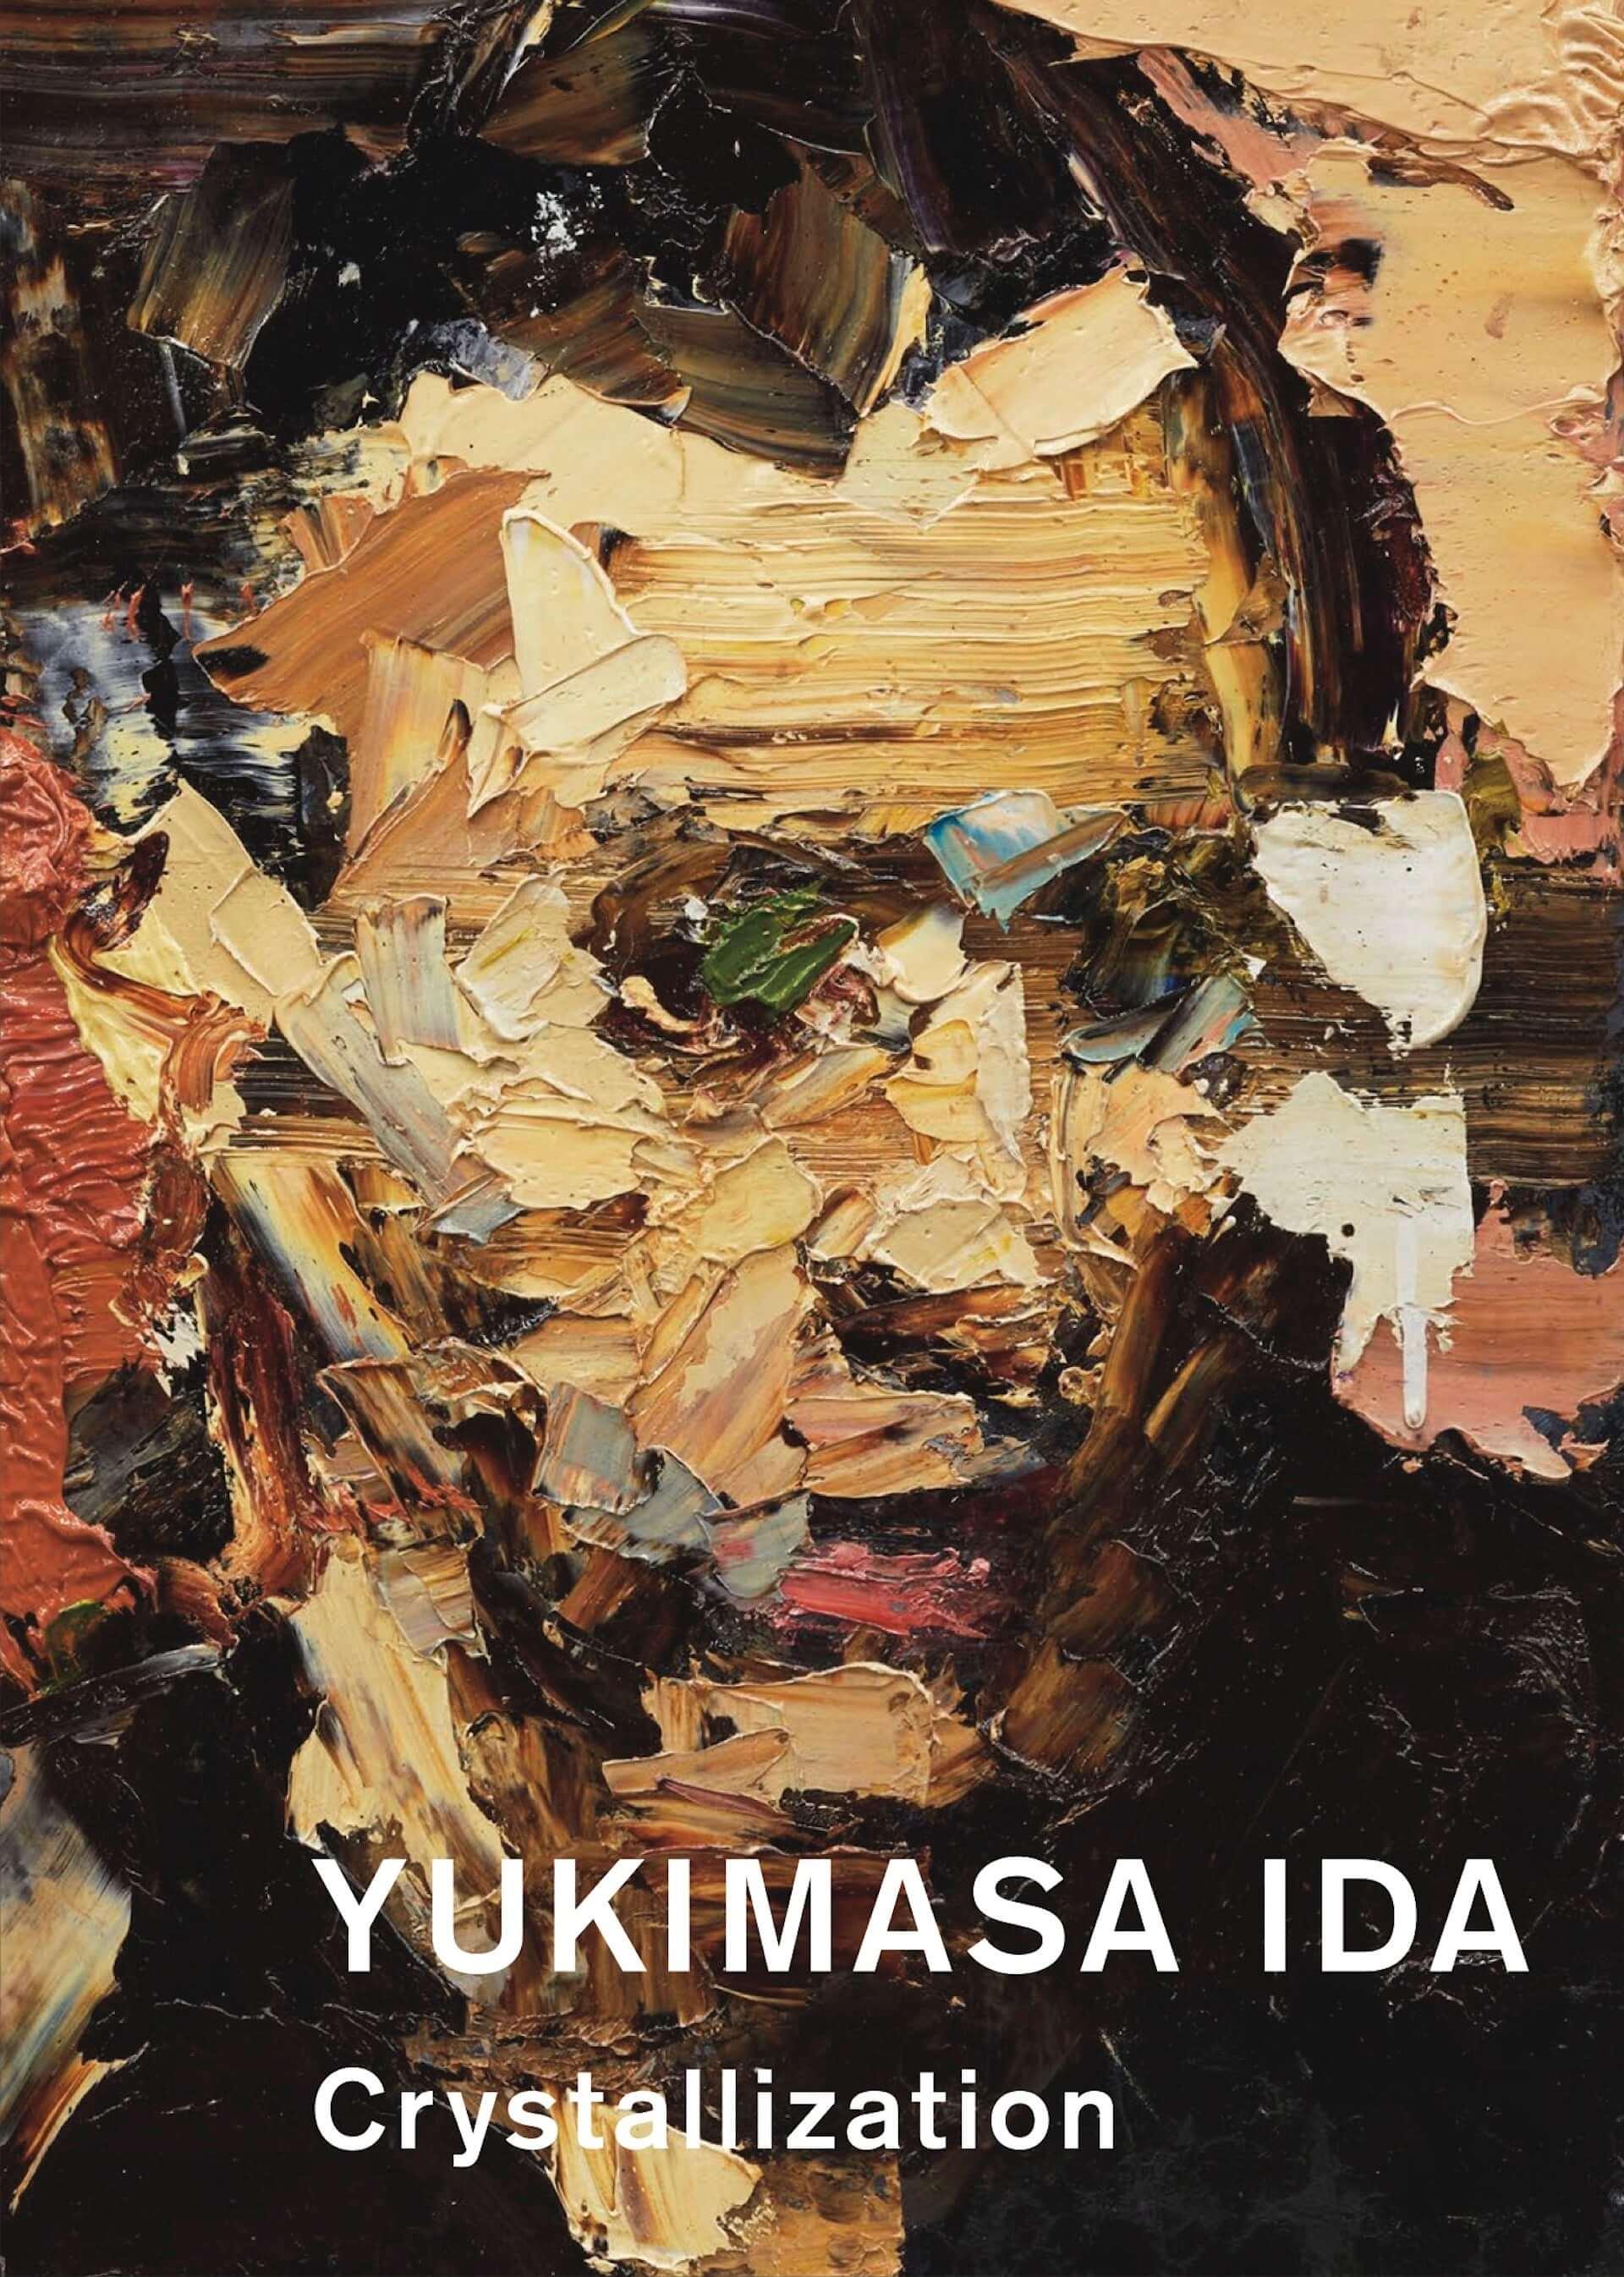 アンディ・ウォーホルの肖像画などを描く井田幸昌の作品集が美術出版社より刊行決定|井田「生きて出会う事象を残したい」 art200514_crystallization_1-1920x2692